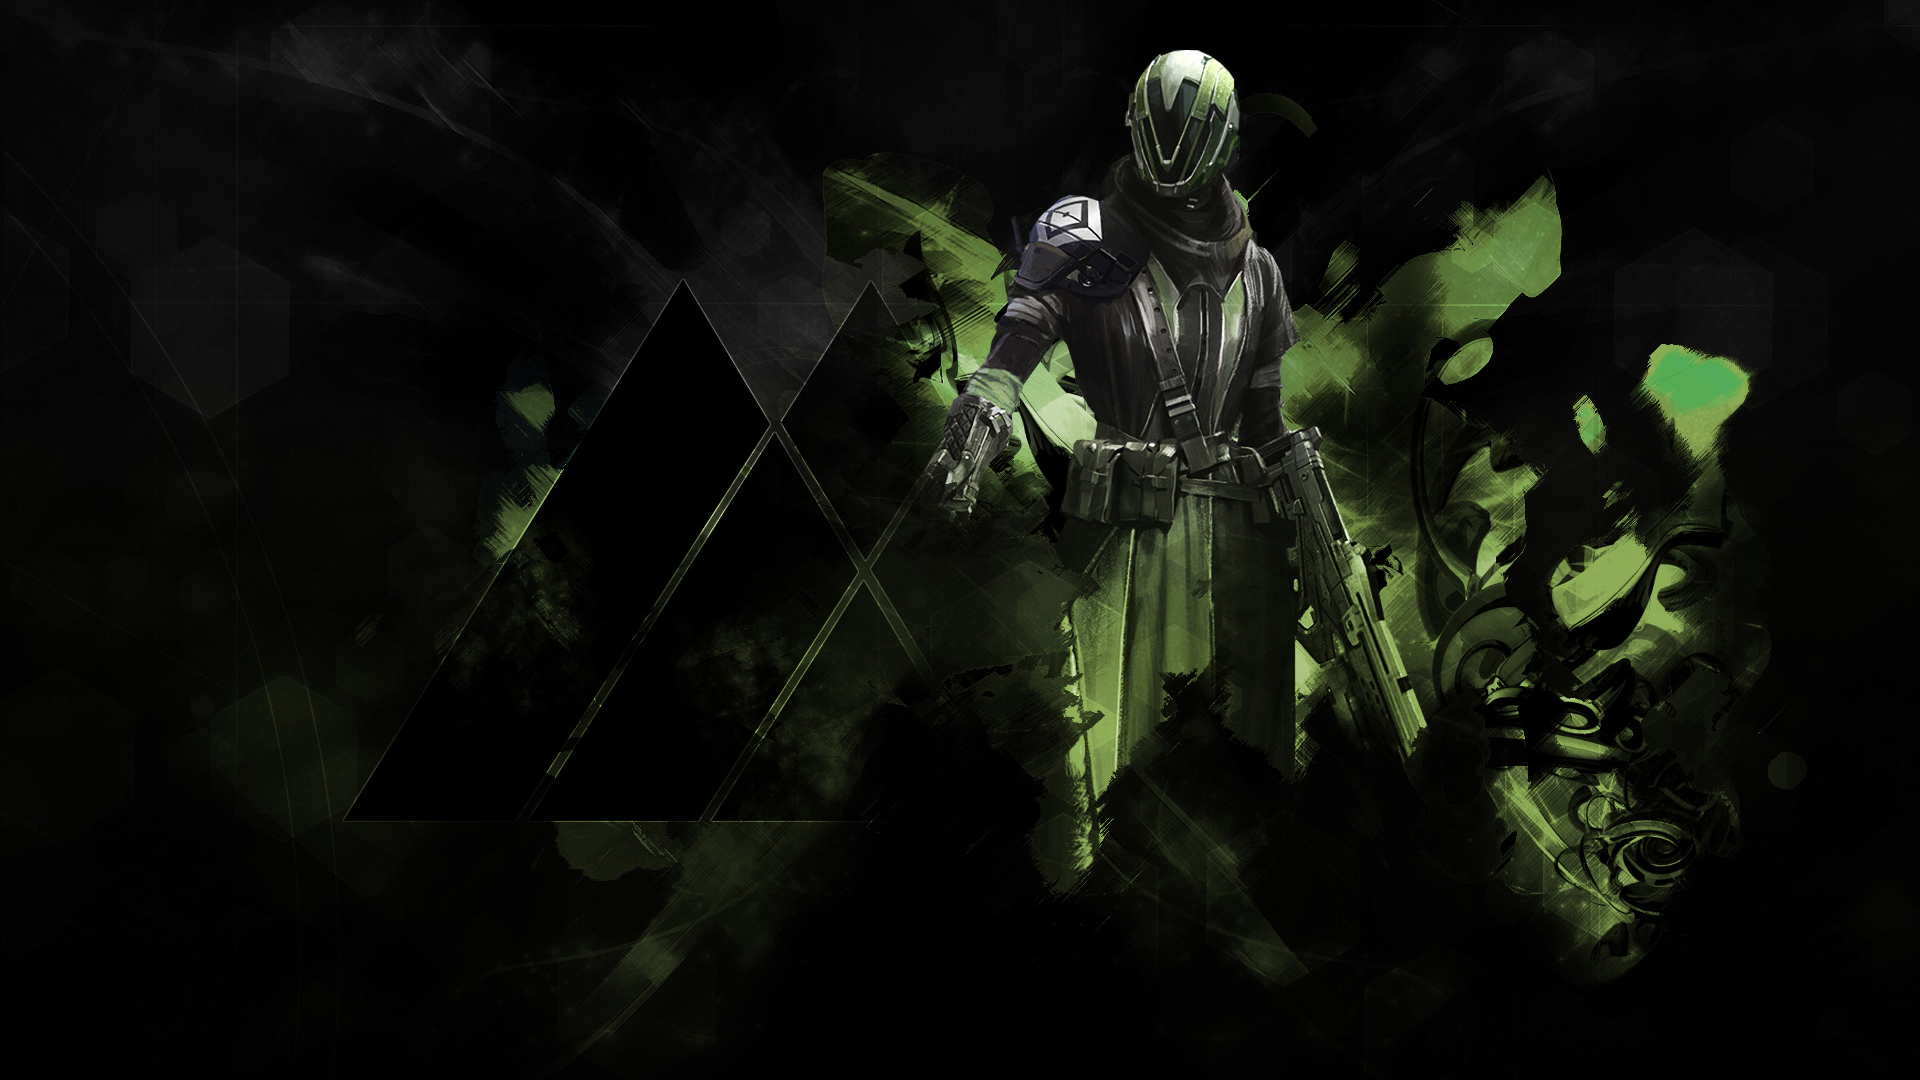 warlock class destiny wallpaper hd